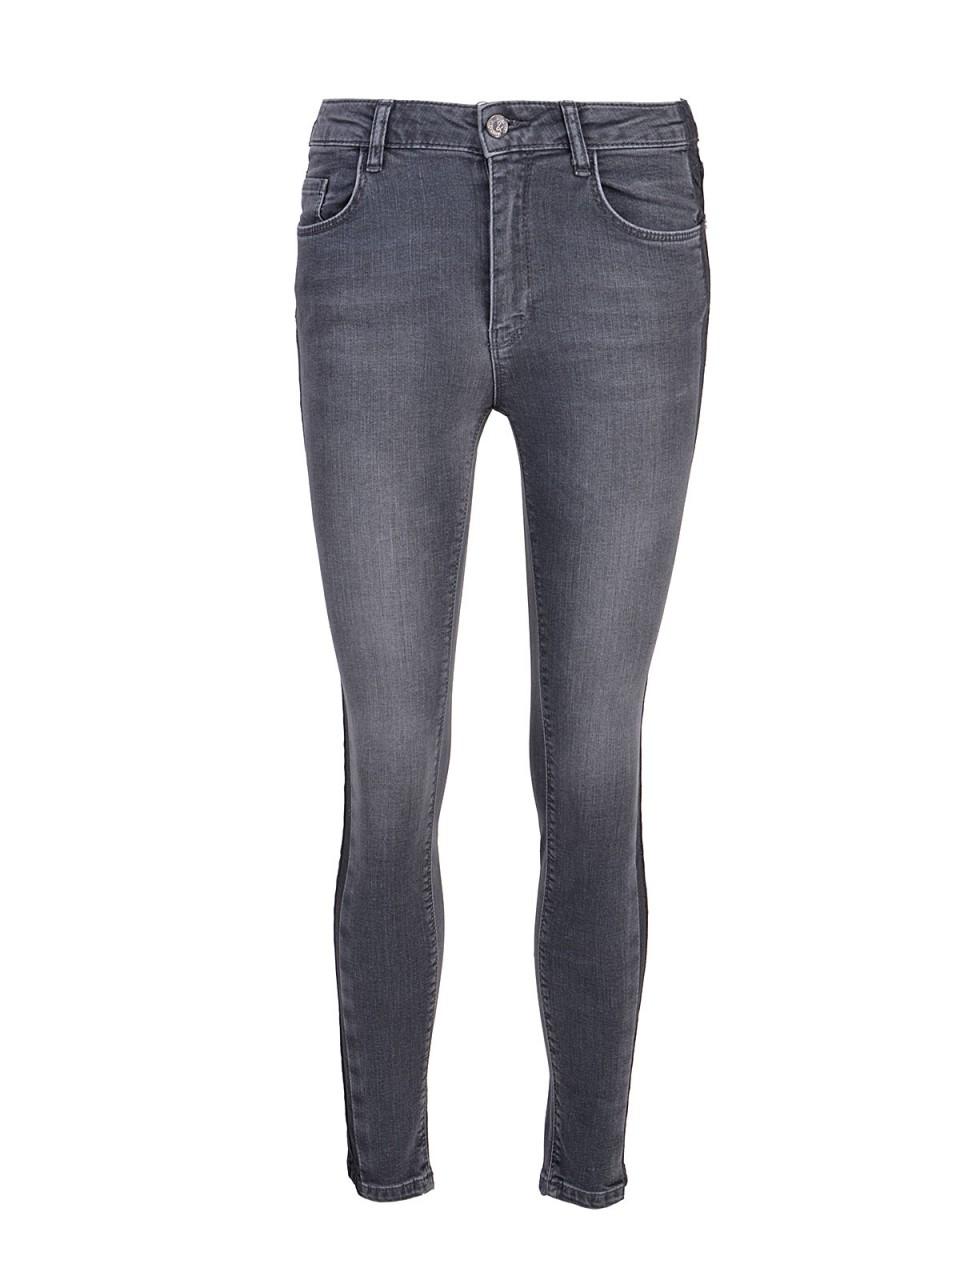 Hosen - SMITH SOUL Damen Jeans, grau  - Onlineshop Designermode.com